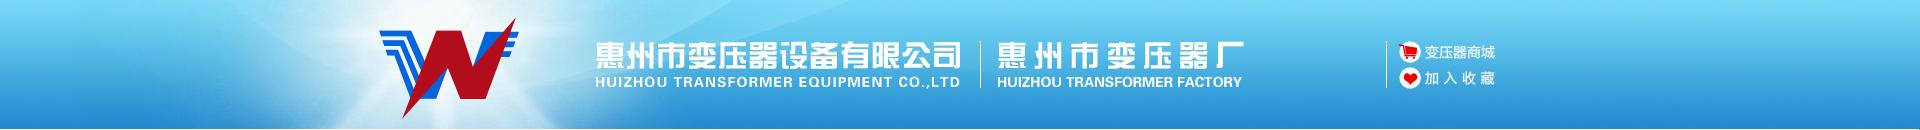 惠州市变压器设备有限公司